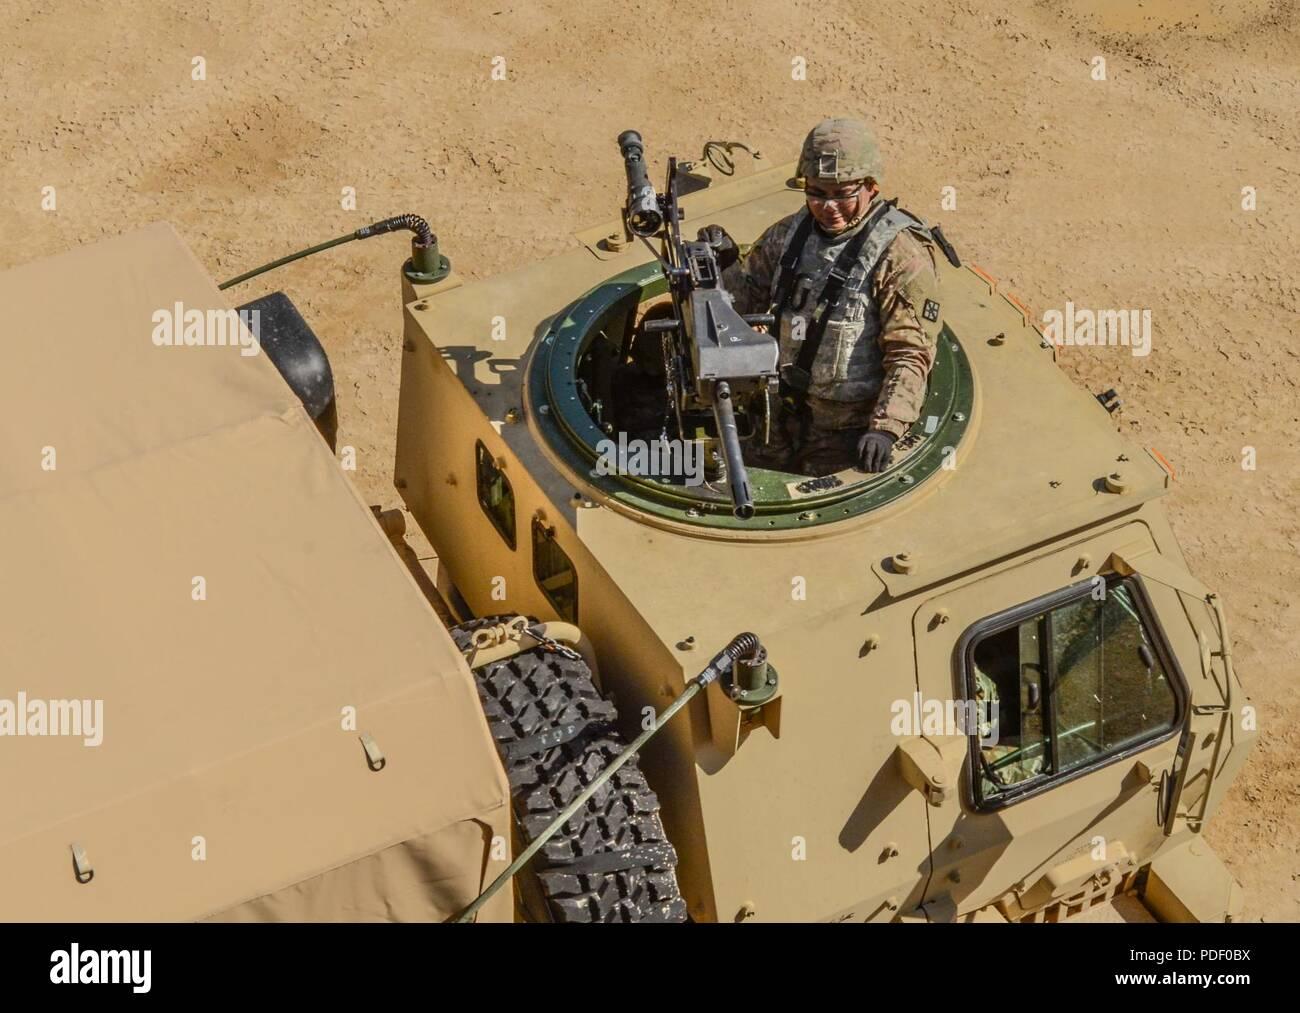 A U S  Army Reserve Troop List Unit Soldier maintains muzzle